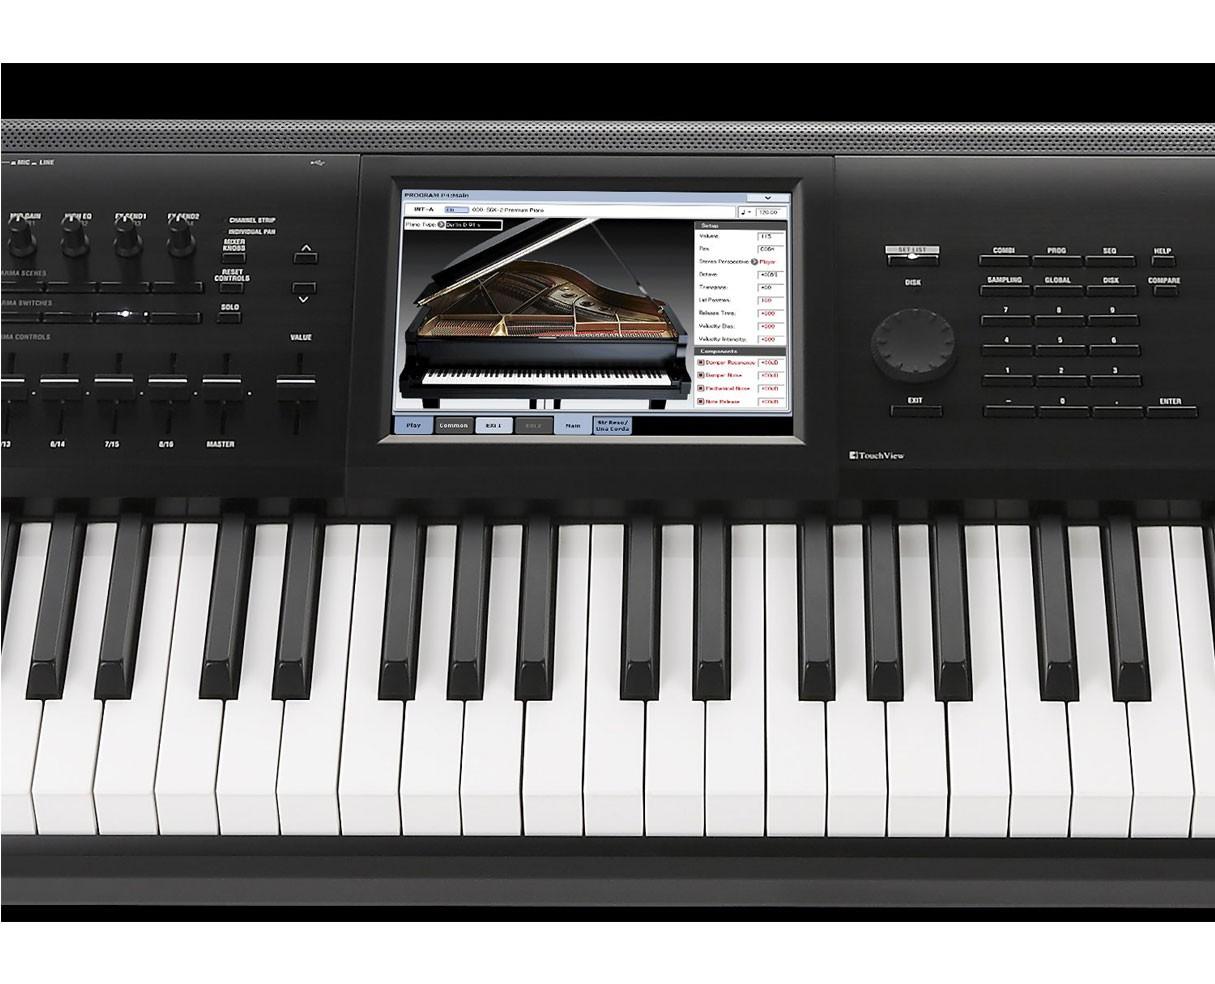 Korg Kronos Workstation Keyboard : korg kronos 2 73 key synthesizer workstation keyboard ~ Hamham.info Haus und Dekorationen